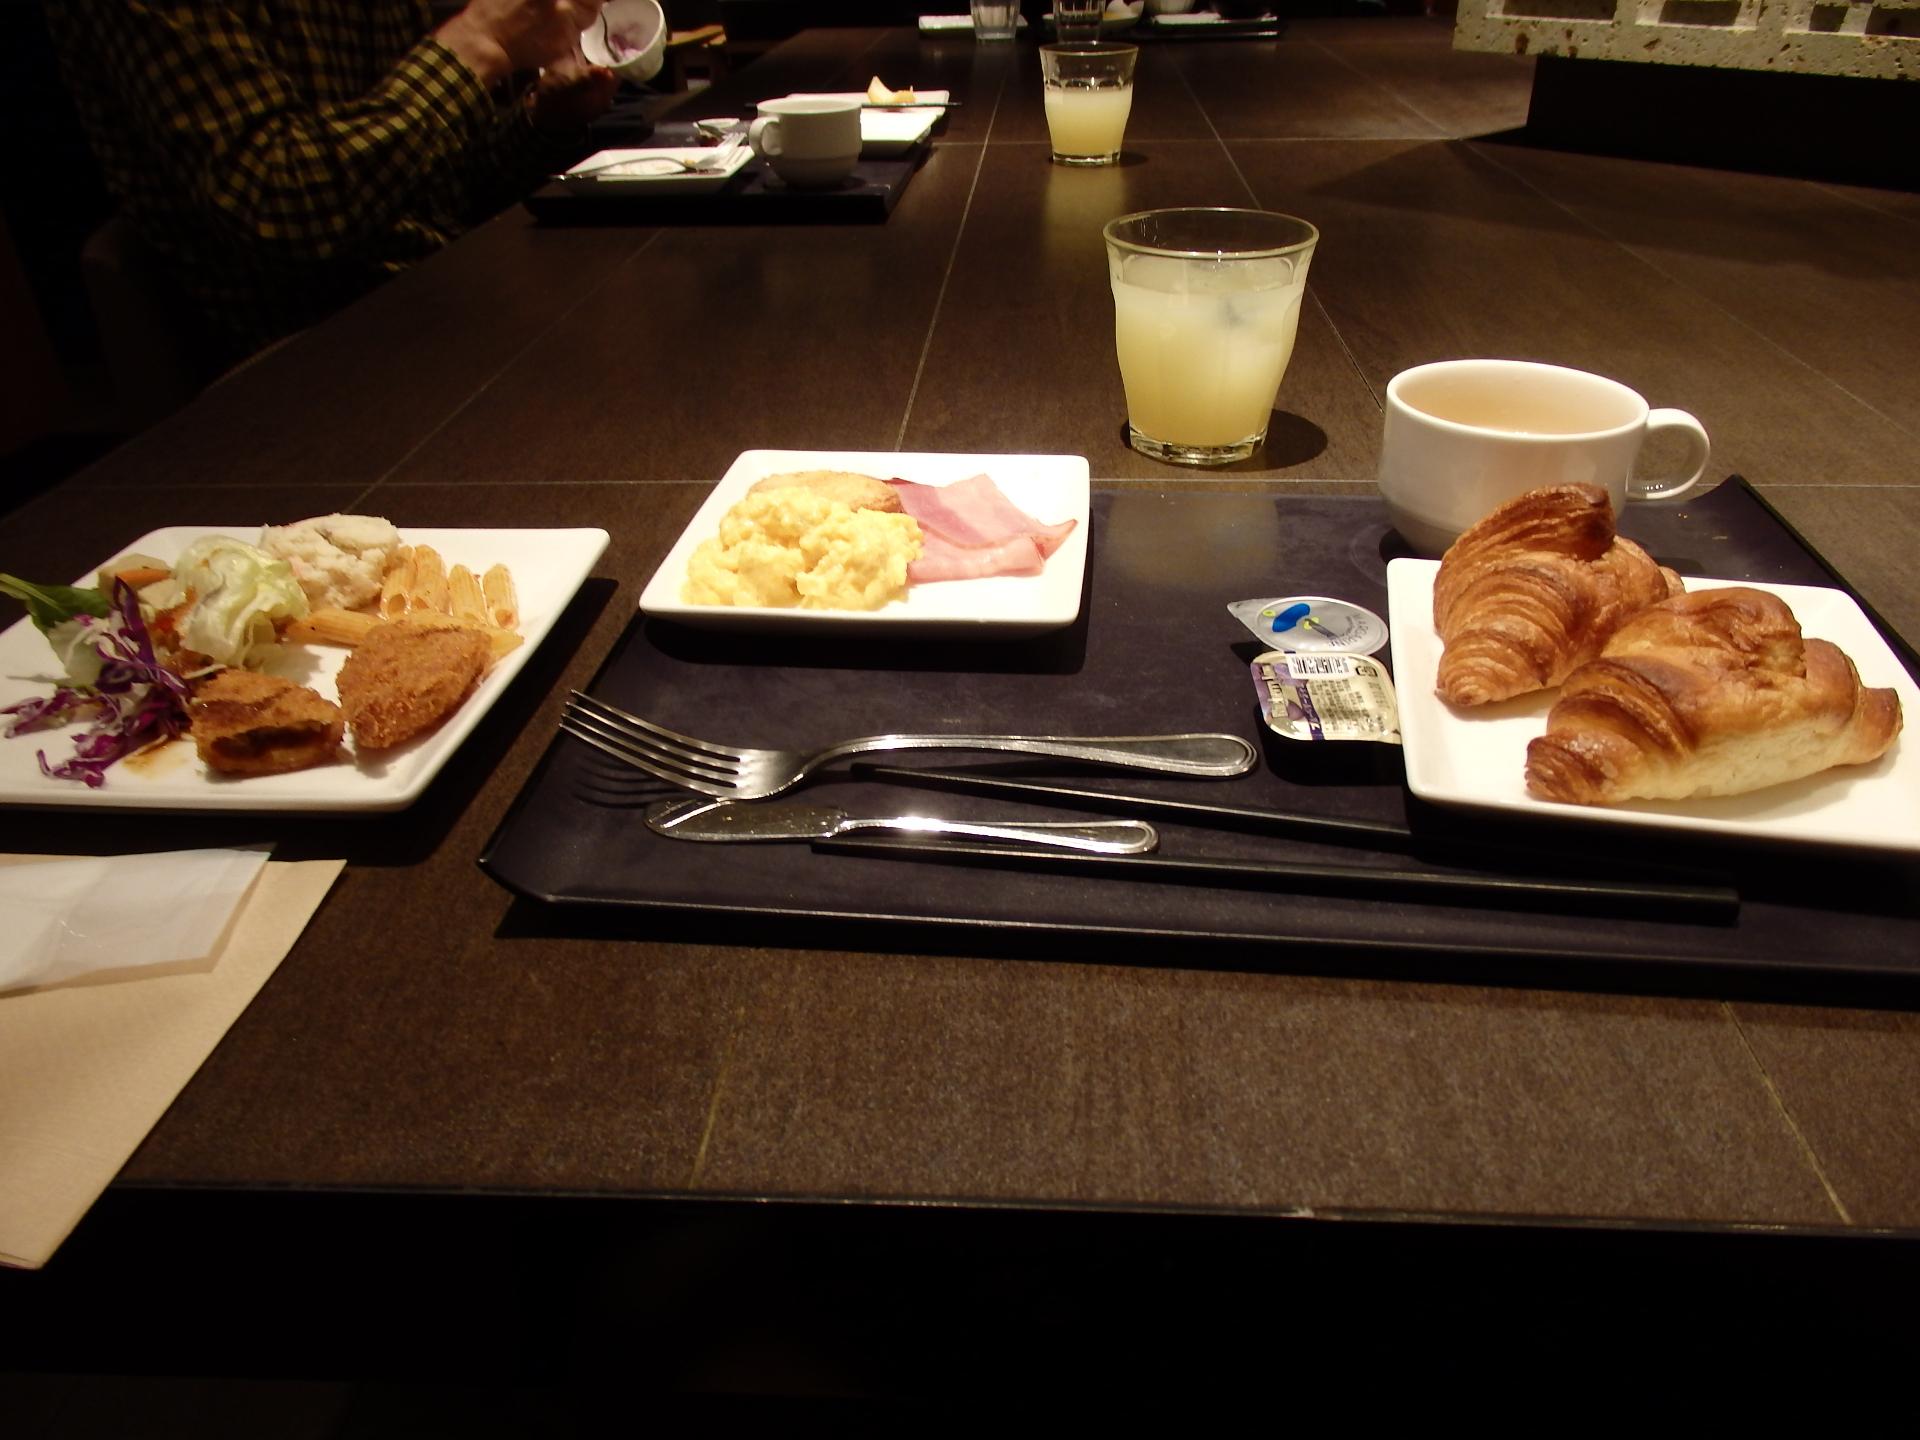 ビュッフェスタイルの朝食です。